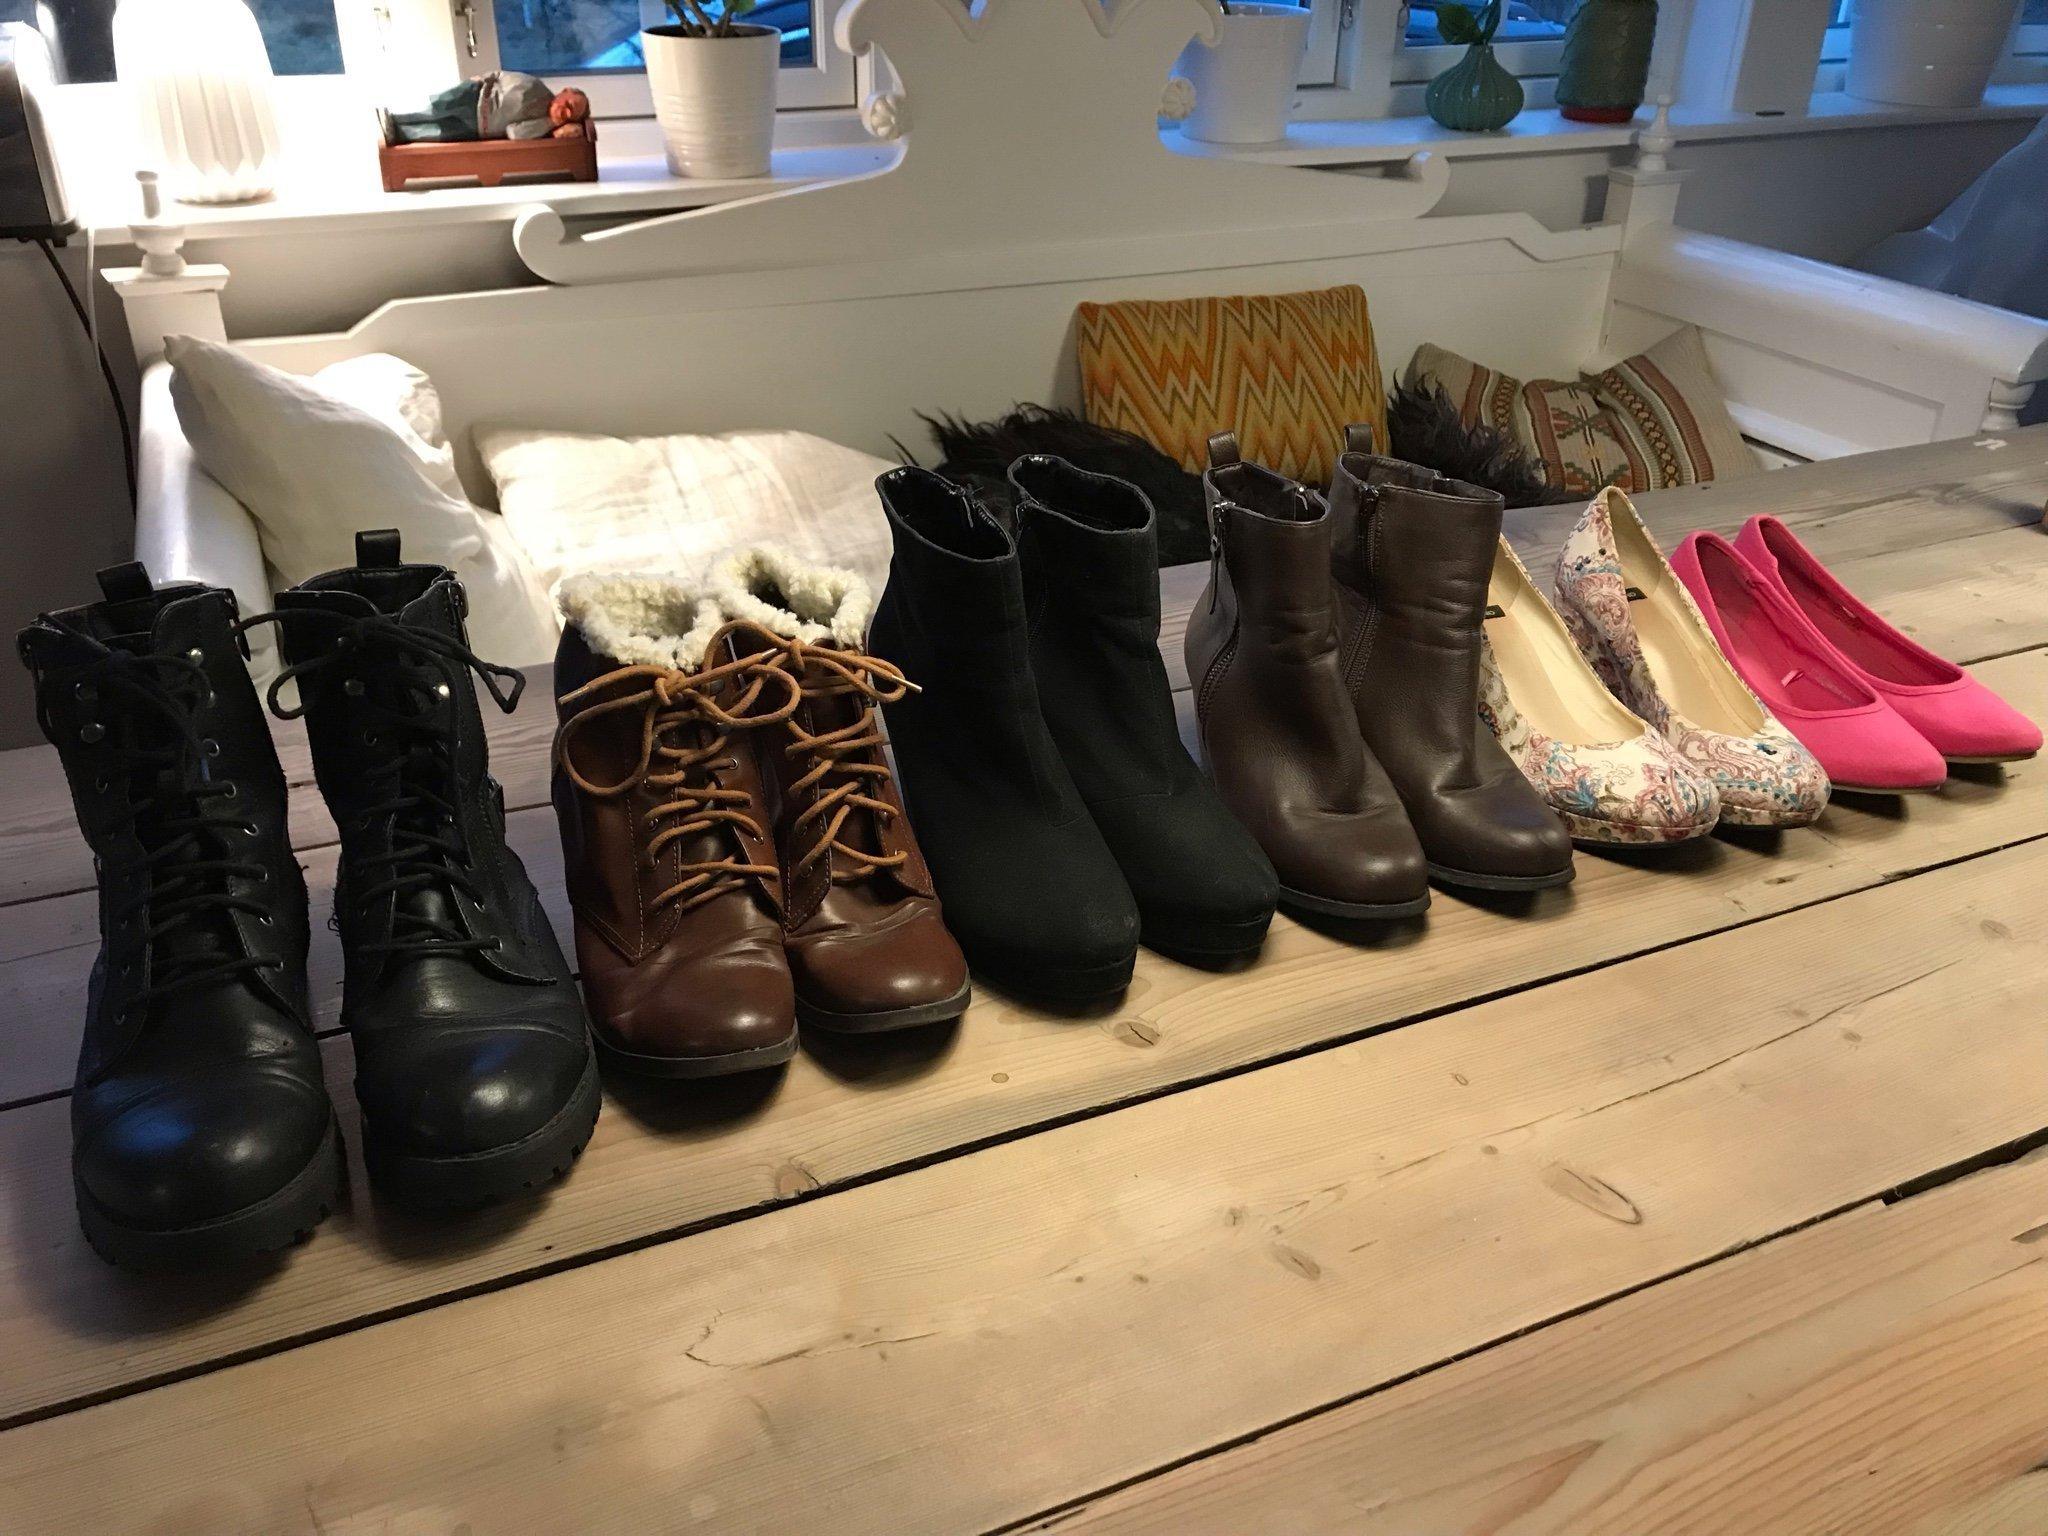 7 par skor i strl 37 38 bland annat Foppa, kängor, klackskor,pumps vagabond